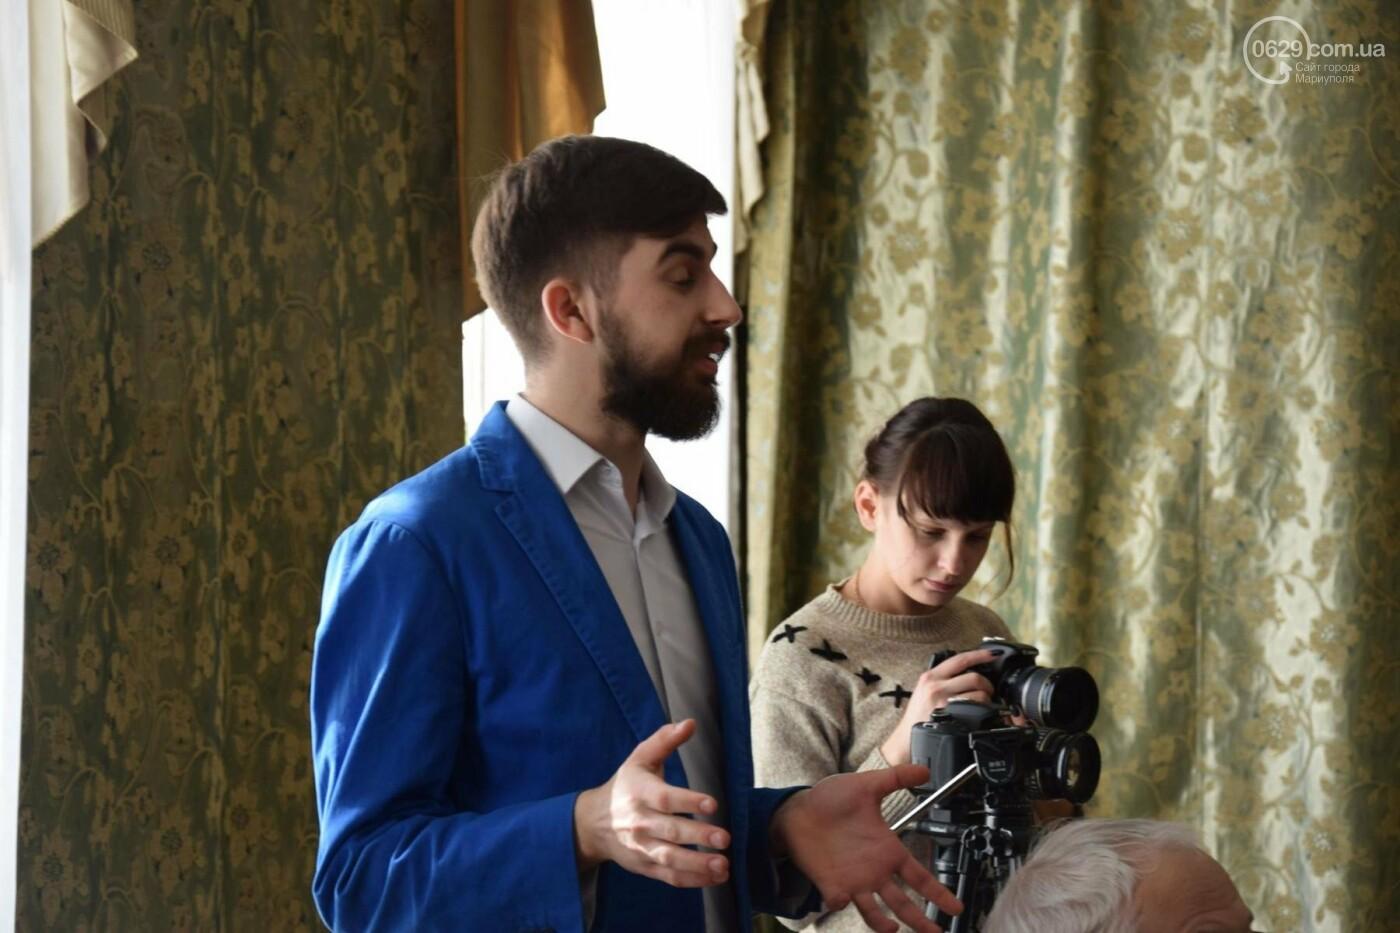 Модели XL в  Мариуполе бросят вызов анорексии и выйдут  в платьях Андре Тана (ФОТО, ВИДЕО), фото-12